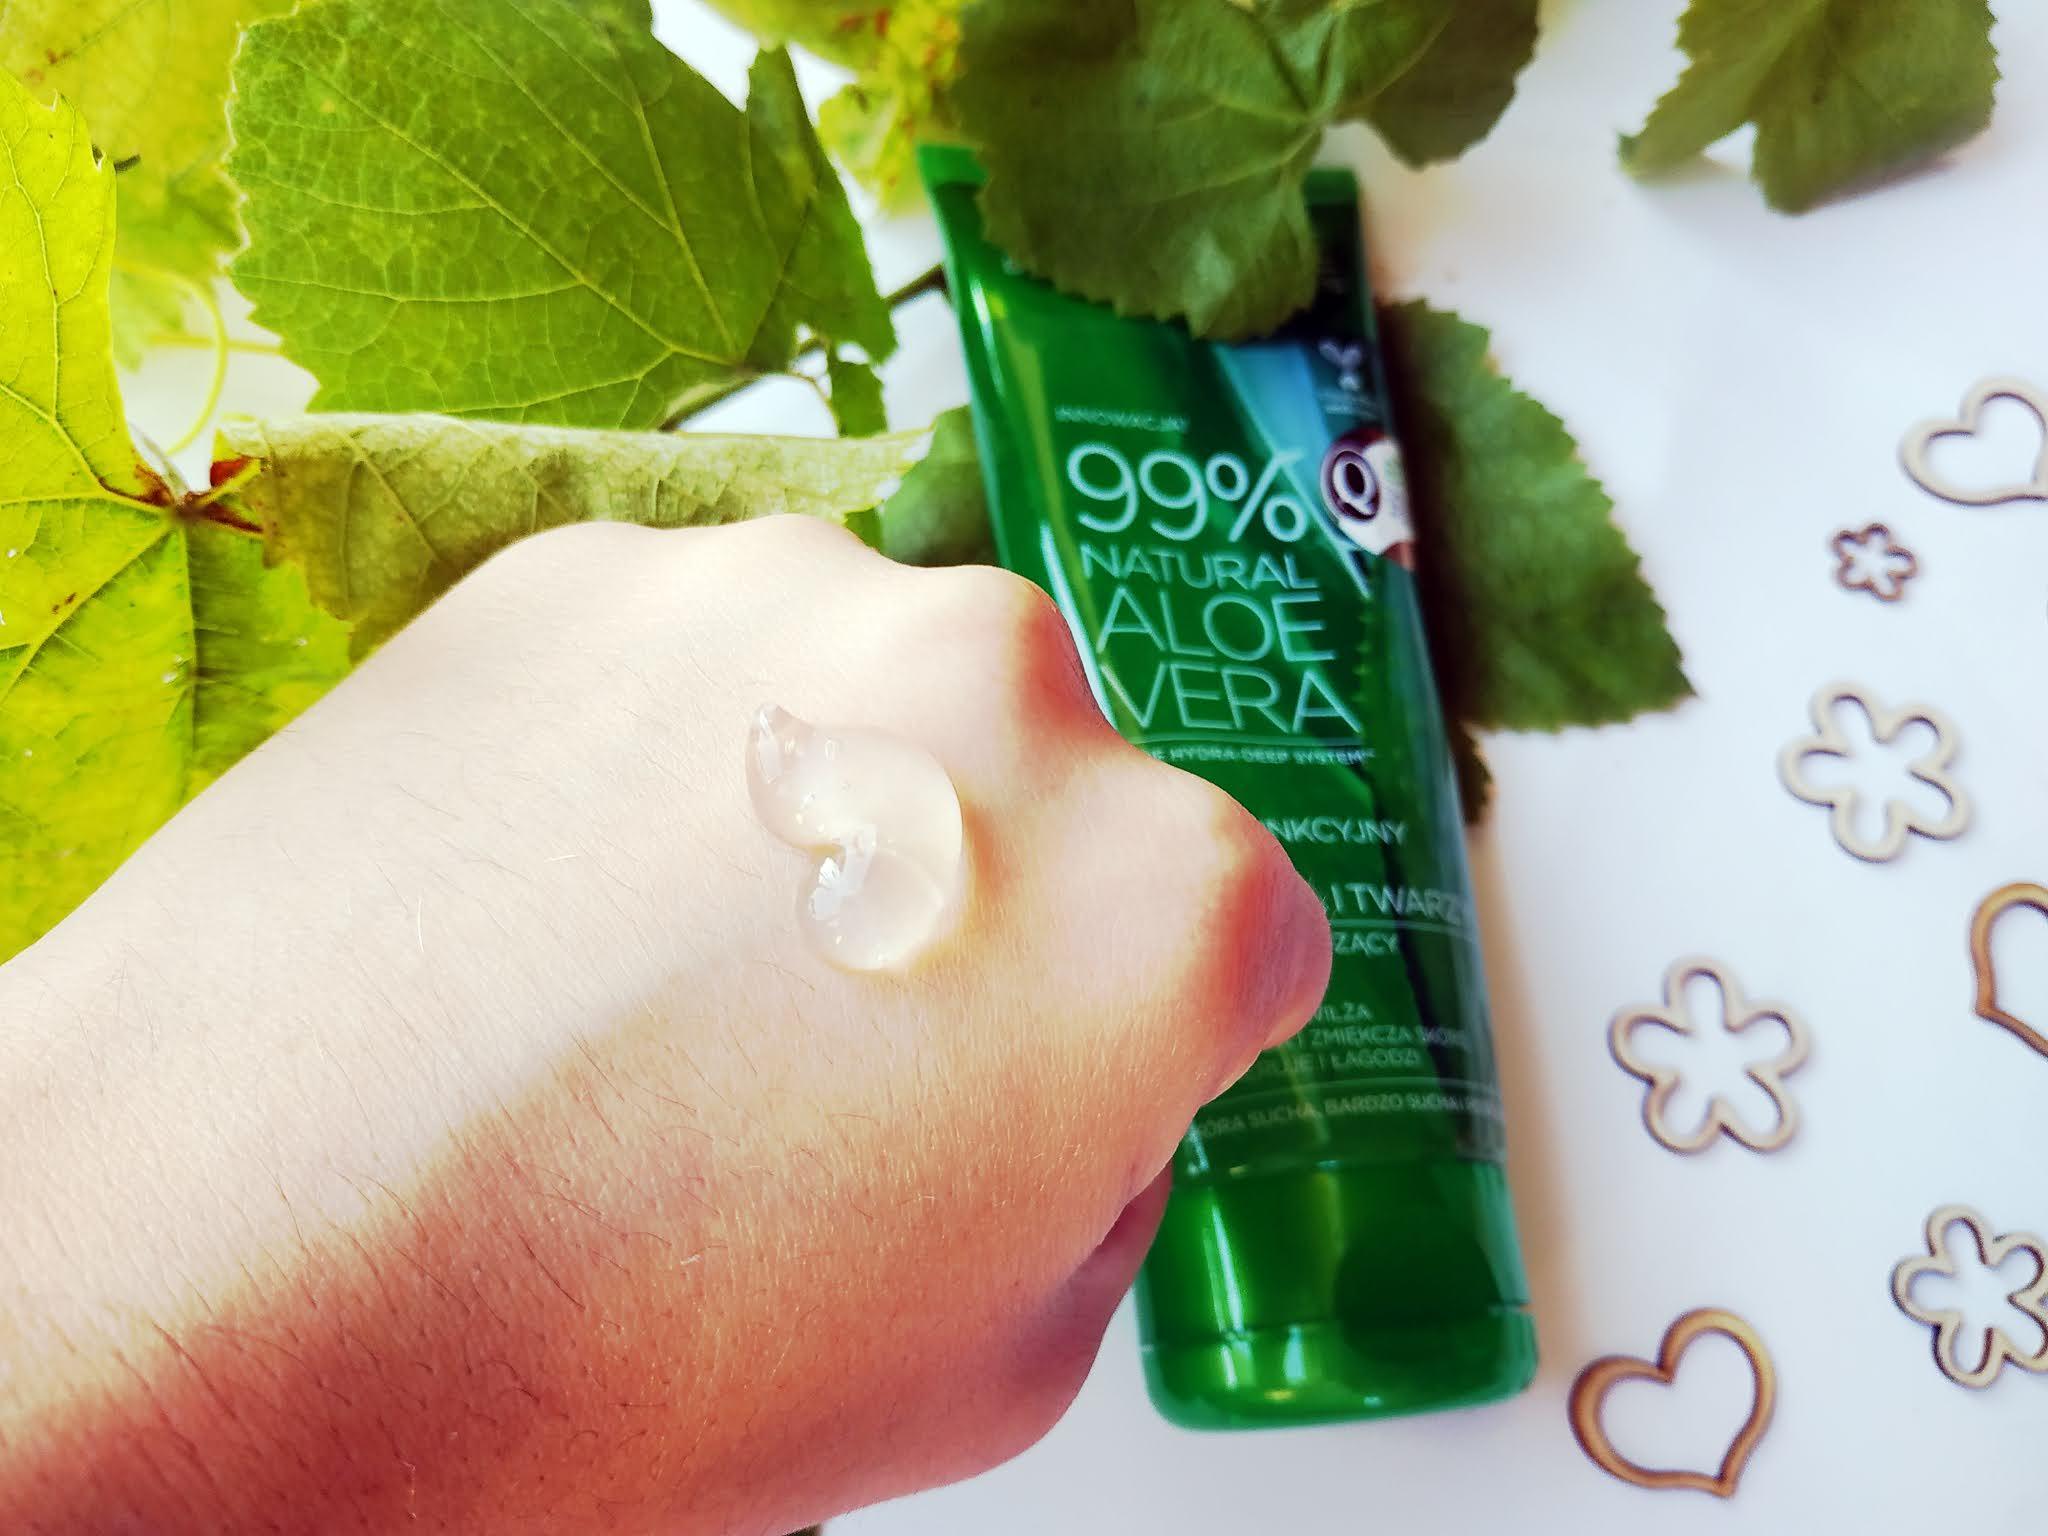 Zapach, konsystencja zel aloesowy eveline skład,cena, dostępność